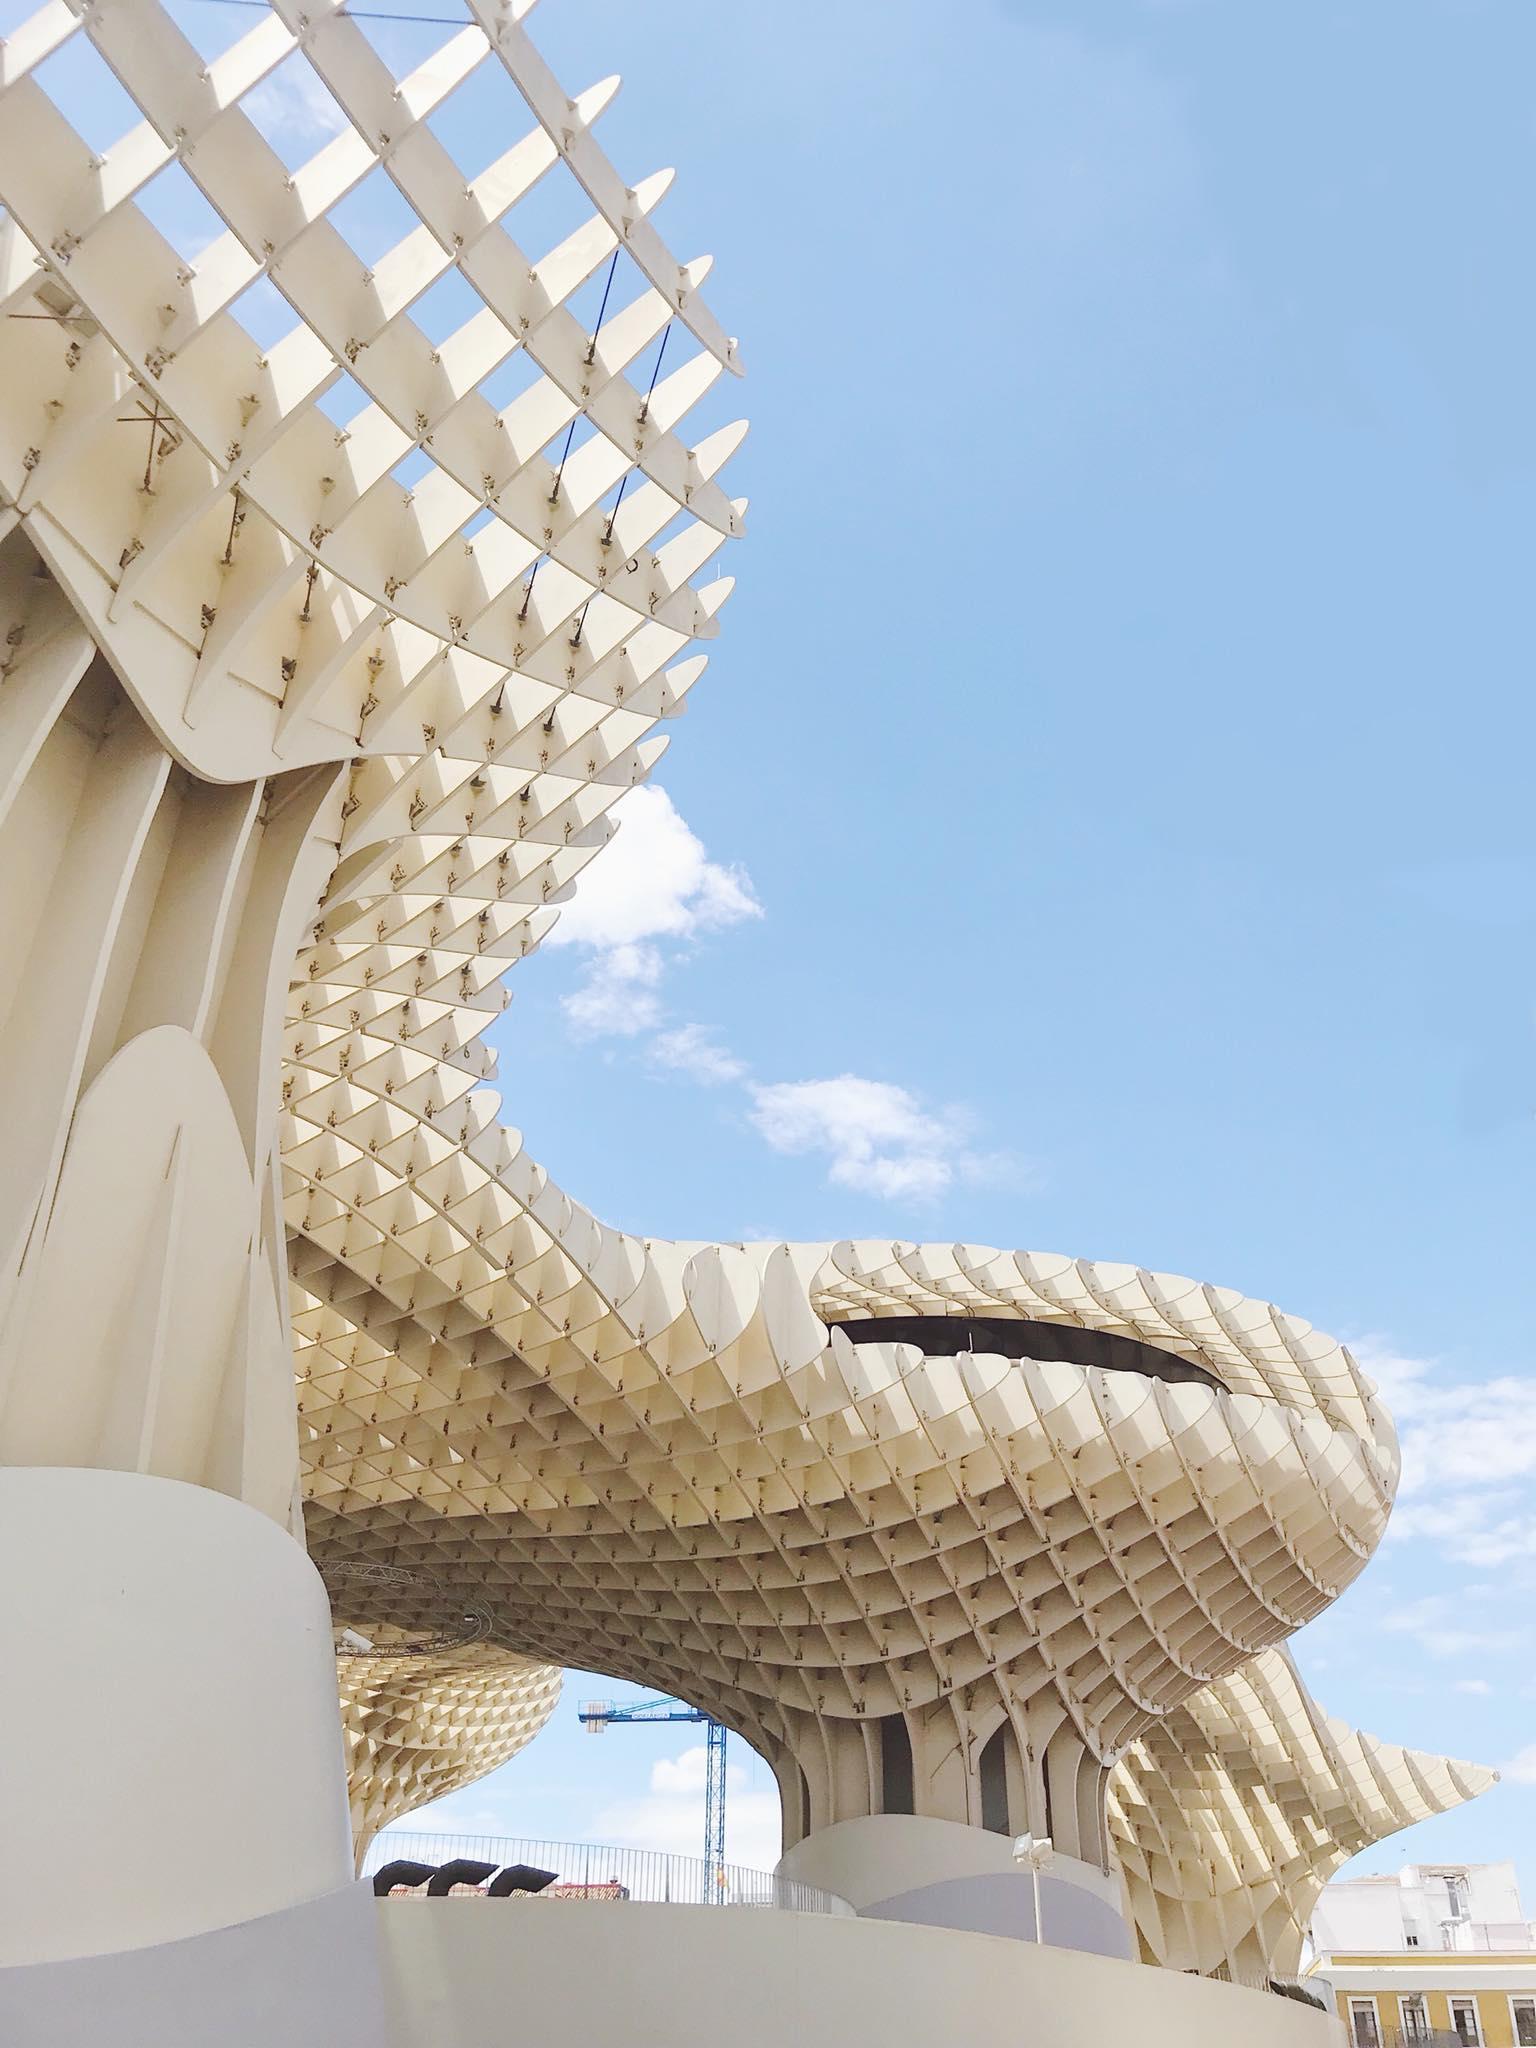 El Metropol Parasol, Seville